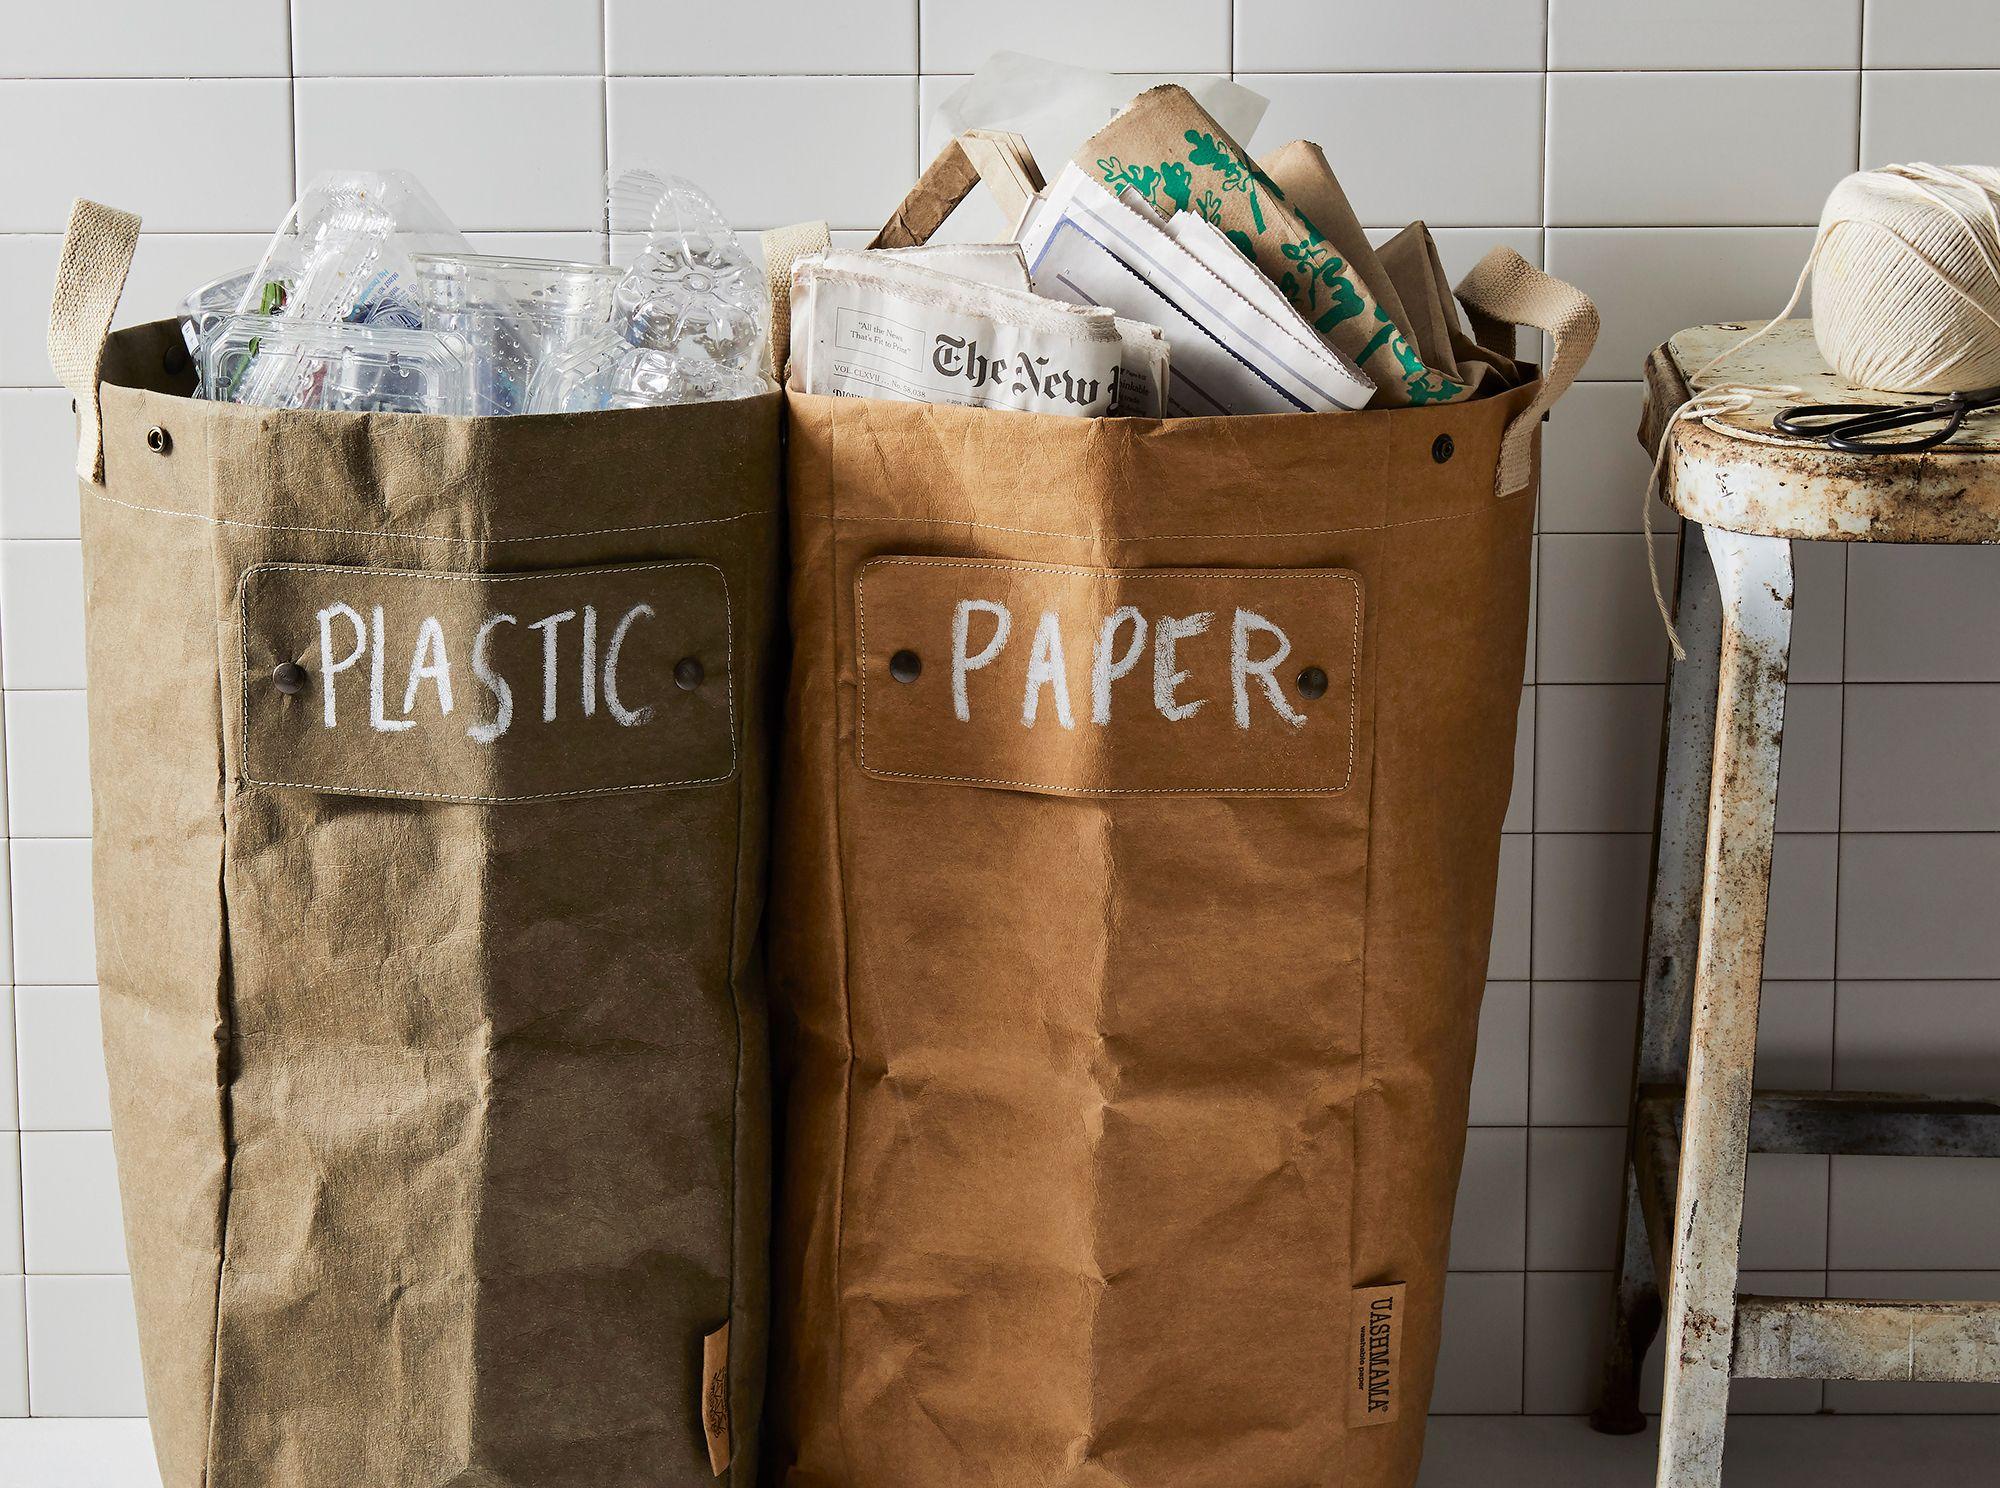 10 Produkte Für Den Haushalt, Die Sie Nie Wusste, Sie Konnte Recyceln